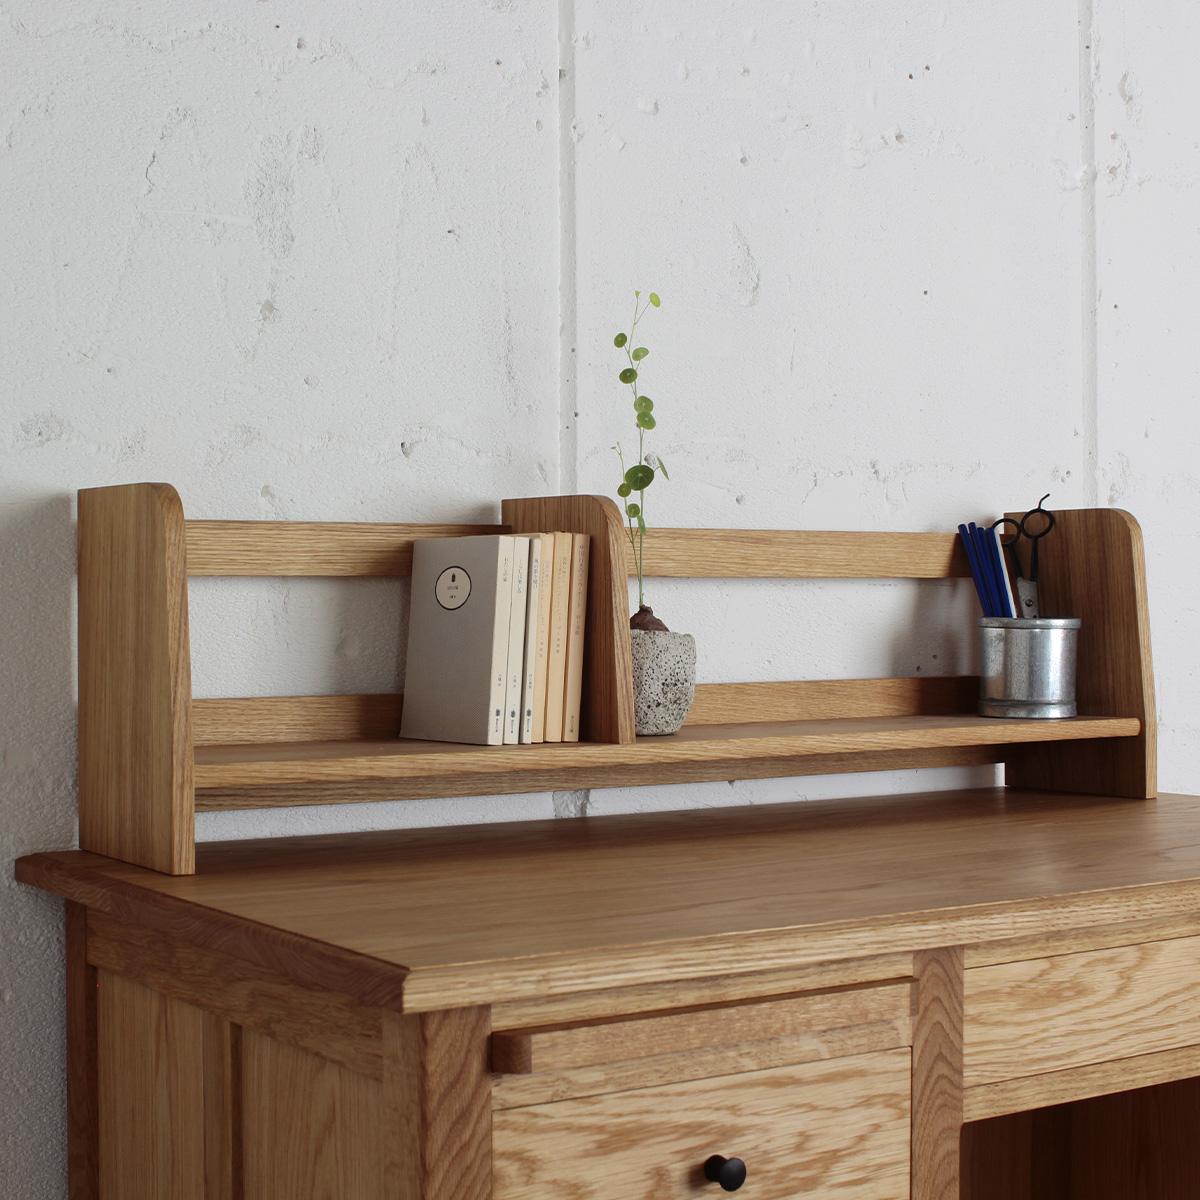 【展示会開催のお知らせ】Kijirushi Exhibition Desk Show – 木印 デスク展